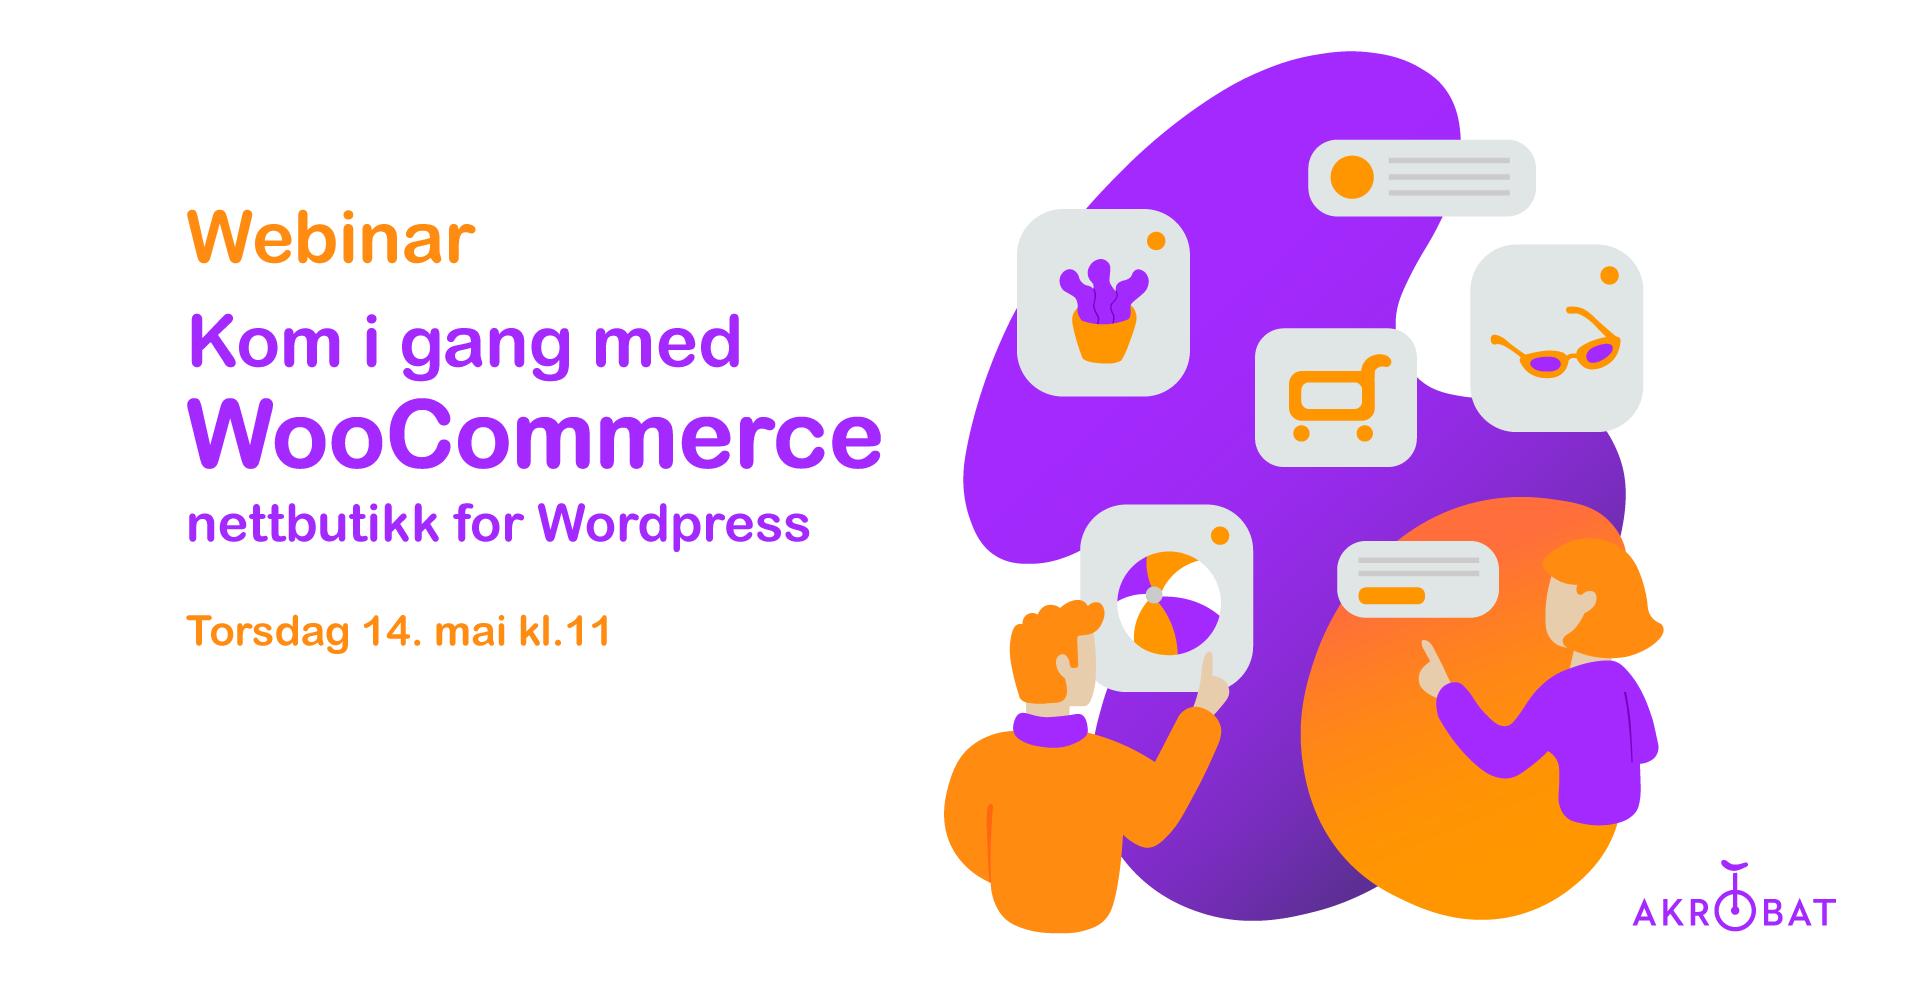 WooCommerce nettbutikk